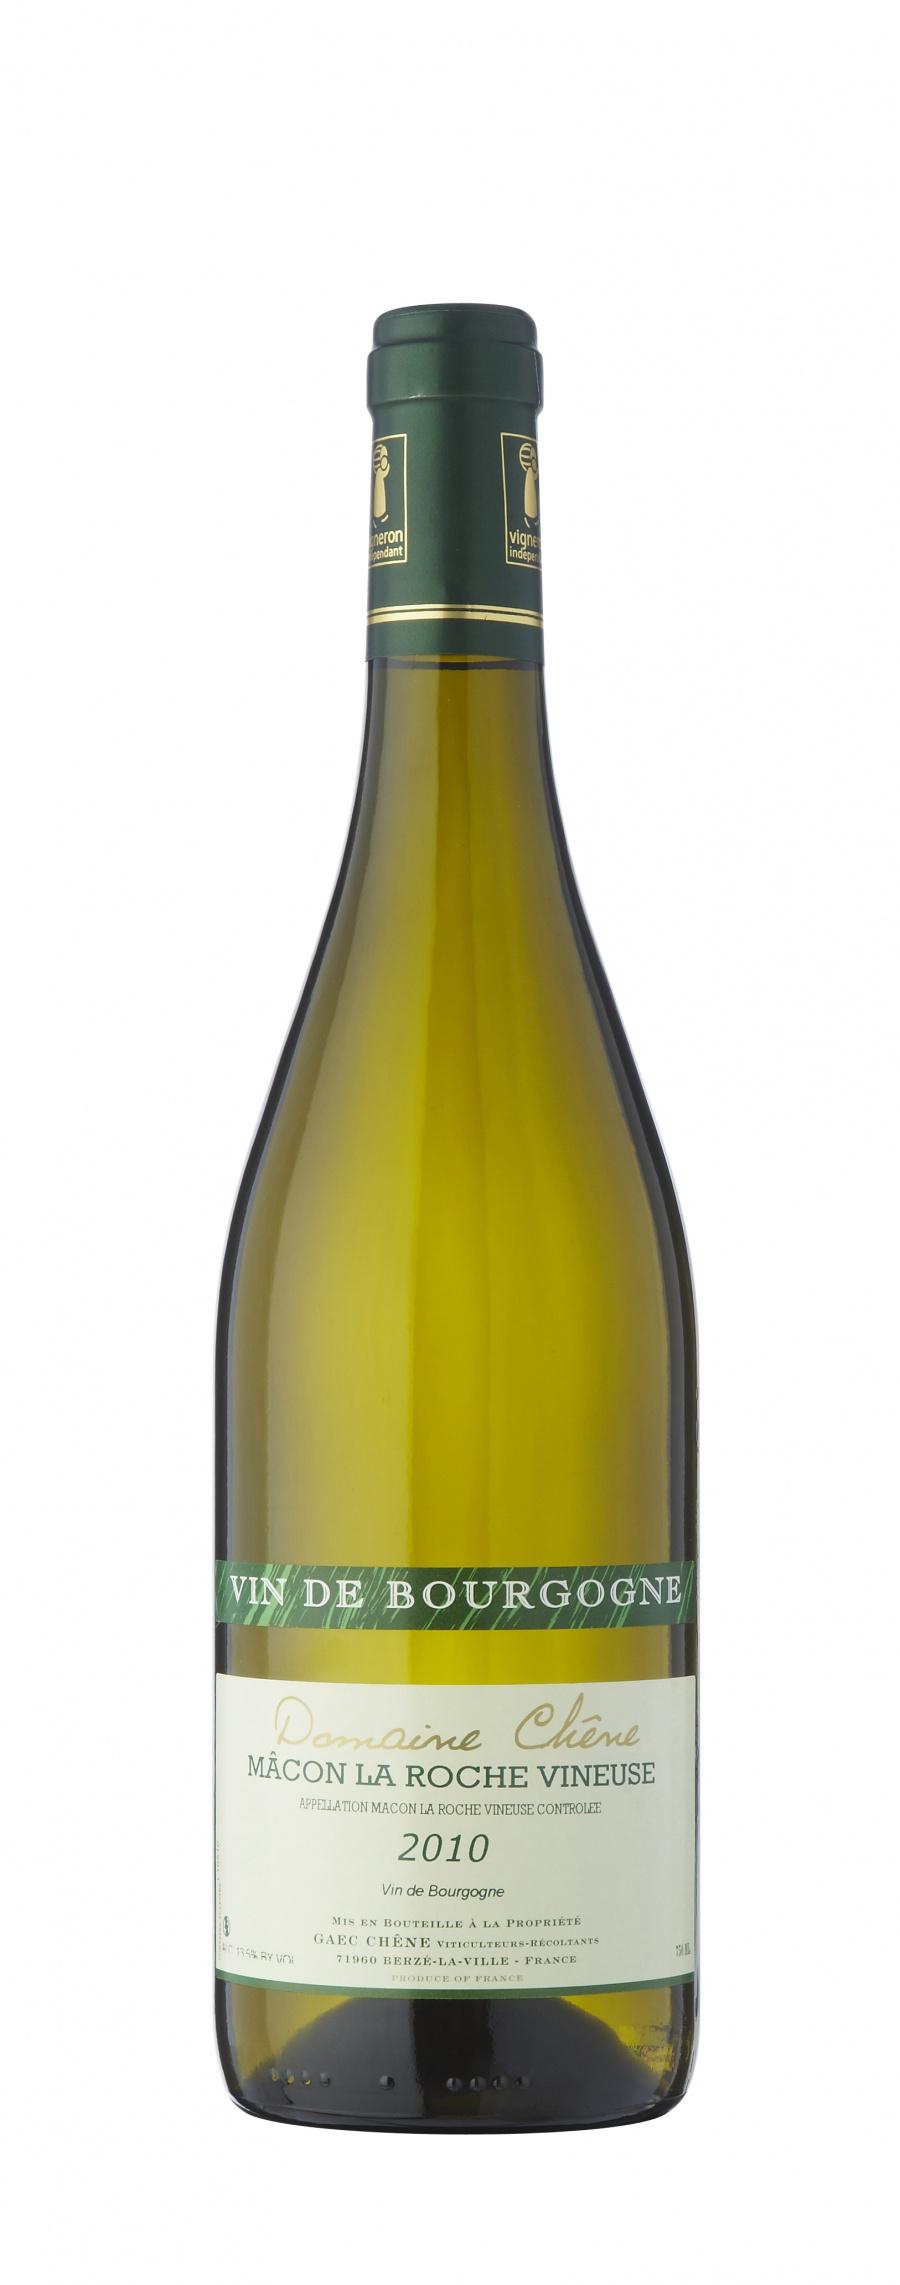 Summer wines at Relish: Mâcon La Roche Vineuse, Domaine Chêne, Cuvée Prestige